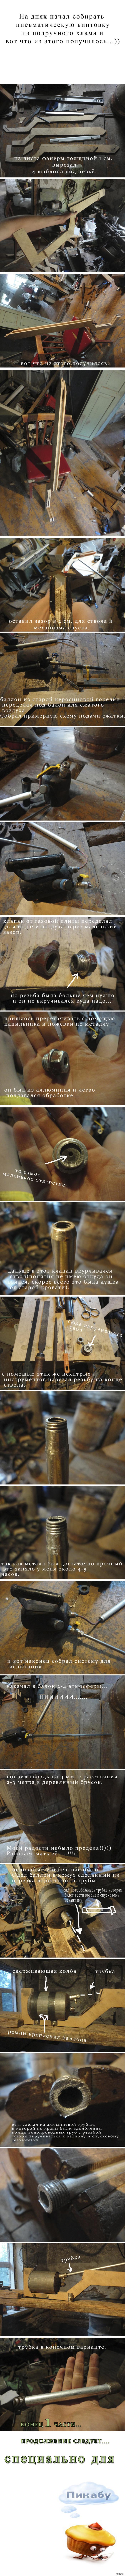 Самодельная воздушка (ЧАСТЬ 1) Собираю пневматическую винтовку из подручного хлама